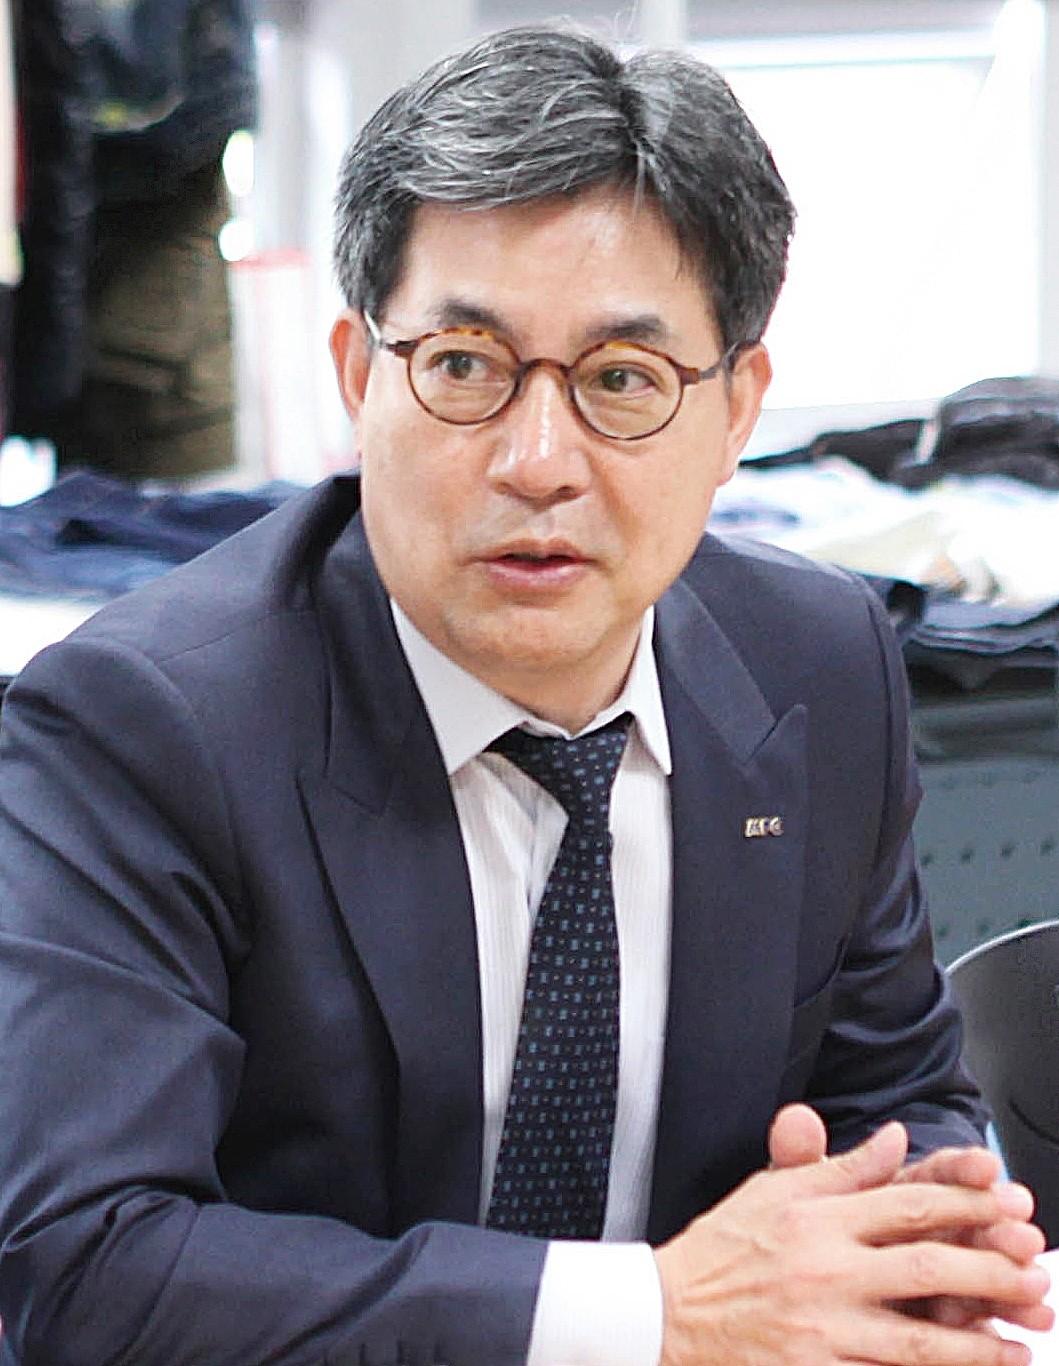 한국컨택센터산업협회, 제 15대 회장으로 한국코퍼레이션 김현겸 대표이사 선임